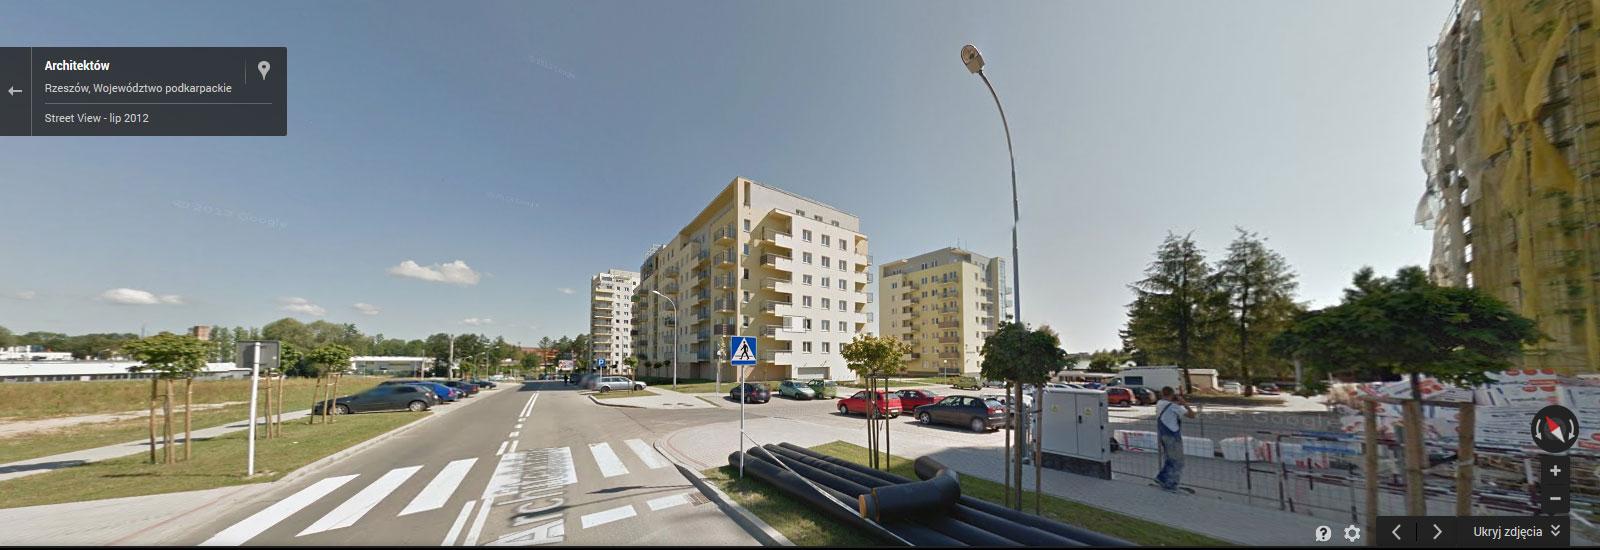 Osiedle Architektów, ul. Architektów 1, 35-001 Rzeszów - Developres